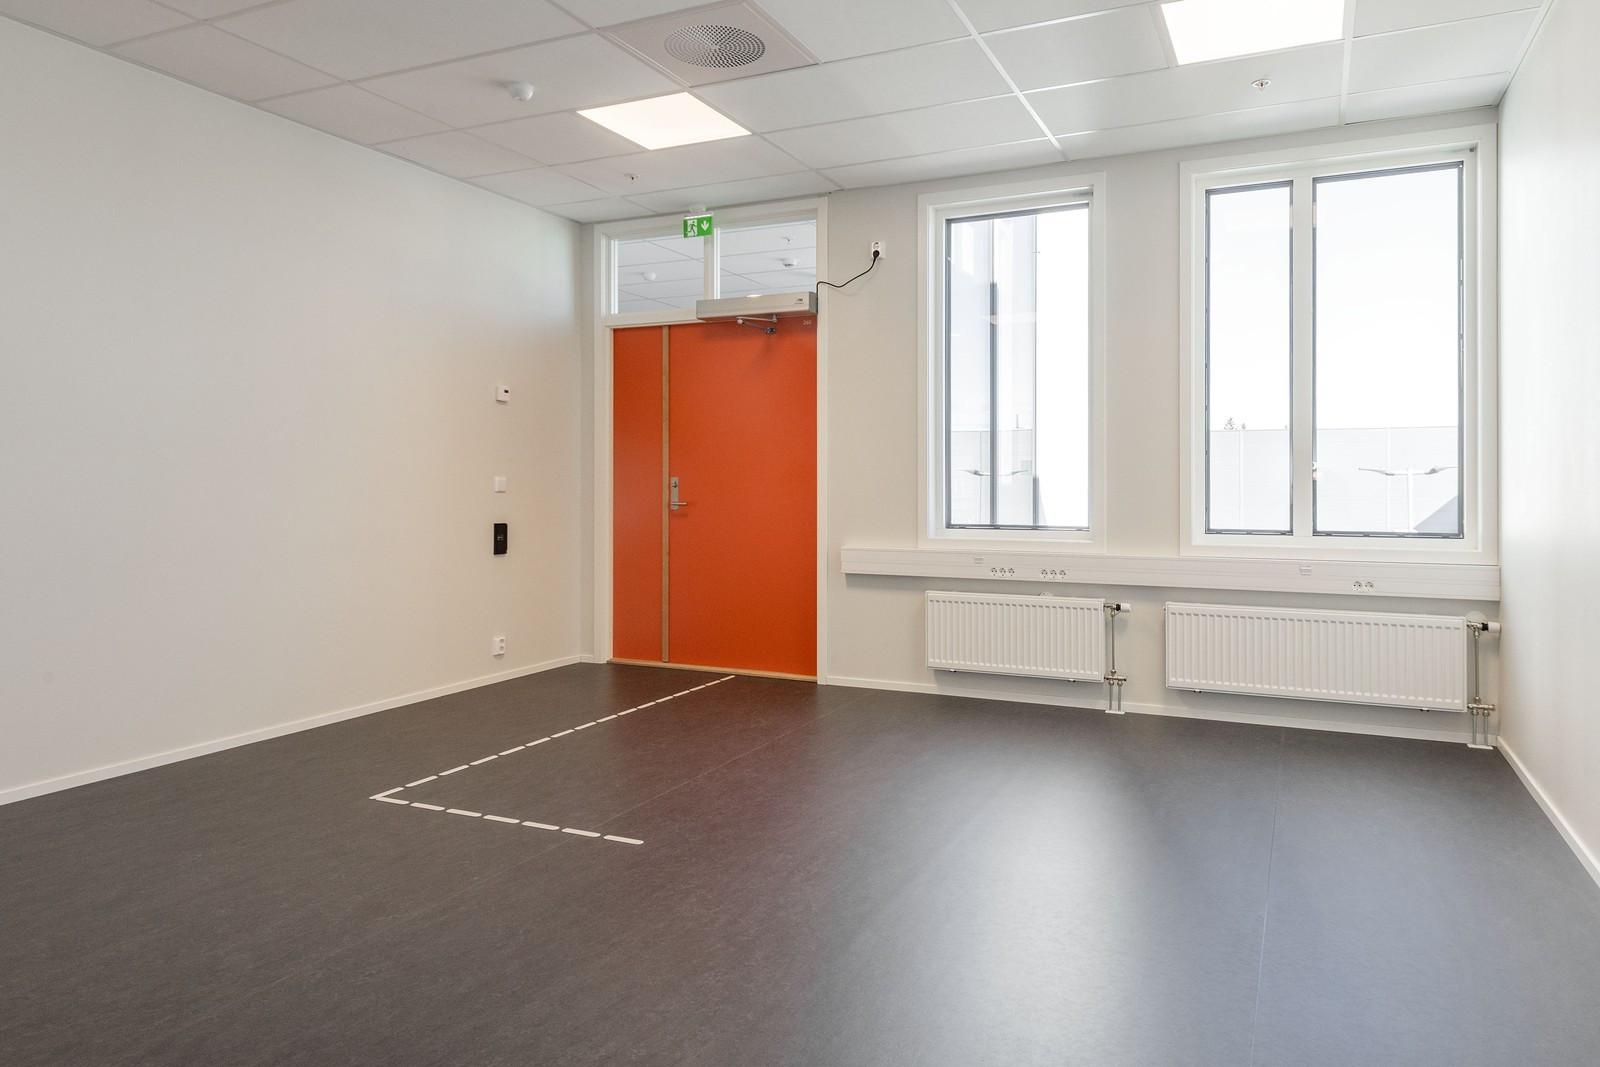 Kontorets inngangsparti kan nyttes til resepsjon, sosial sone eller kontor